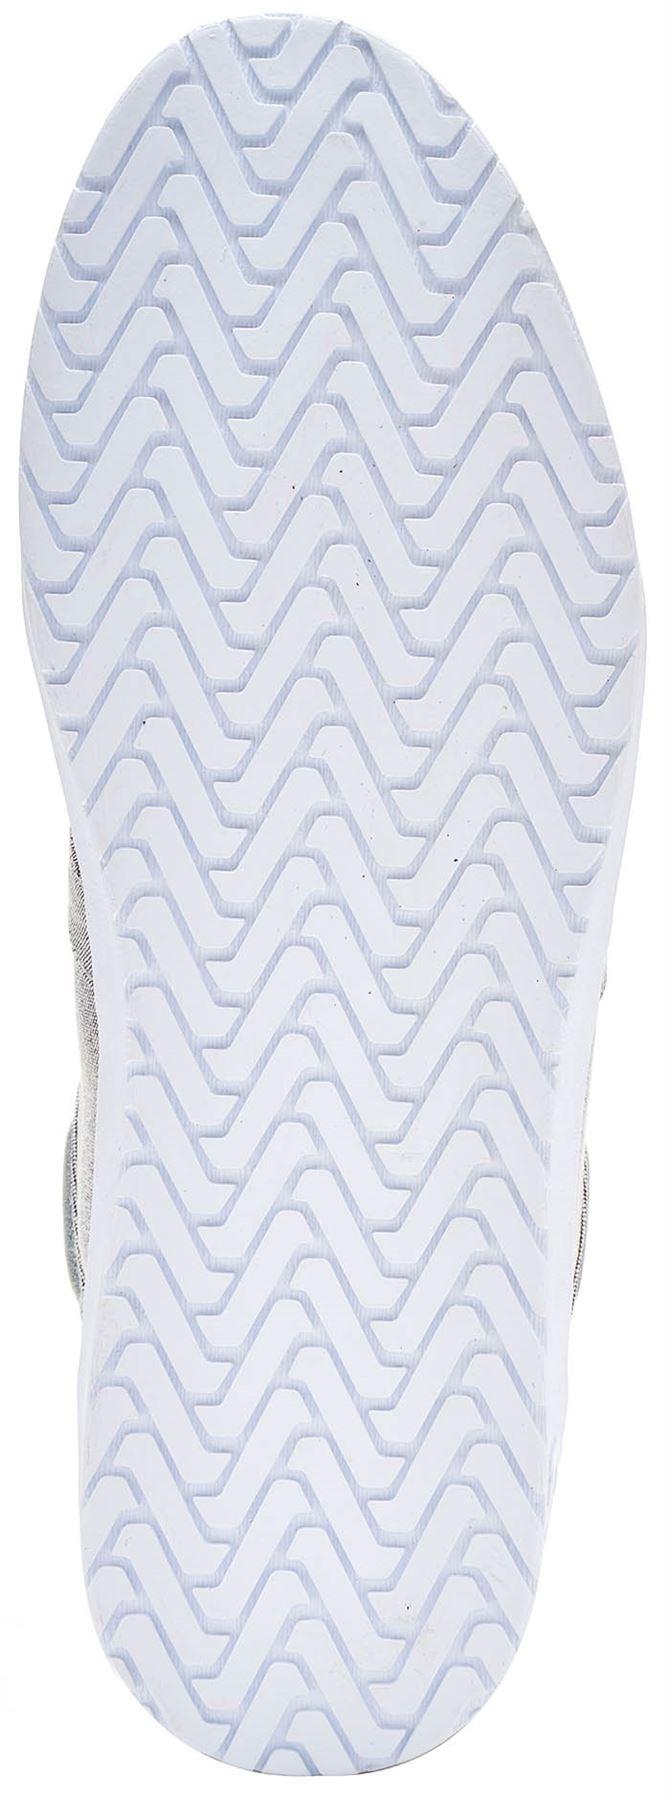 Etnies Dory Große & Smu Leder,Wildleder & Stoff Sportschuhe in Große Dory Auswahl der Farbe 829f6e